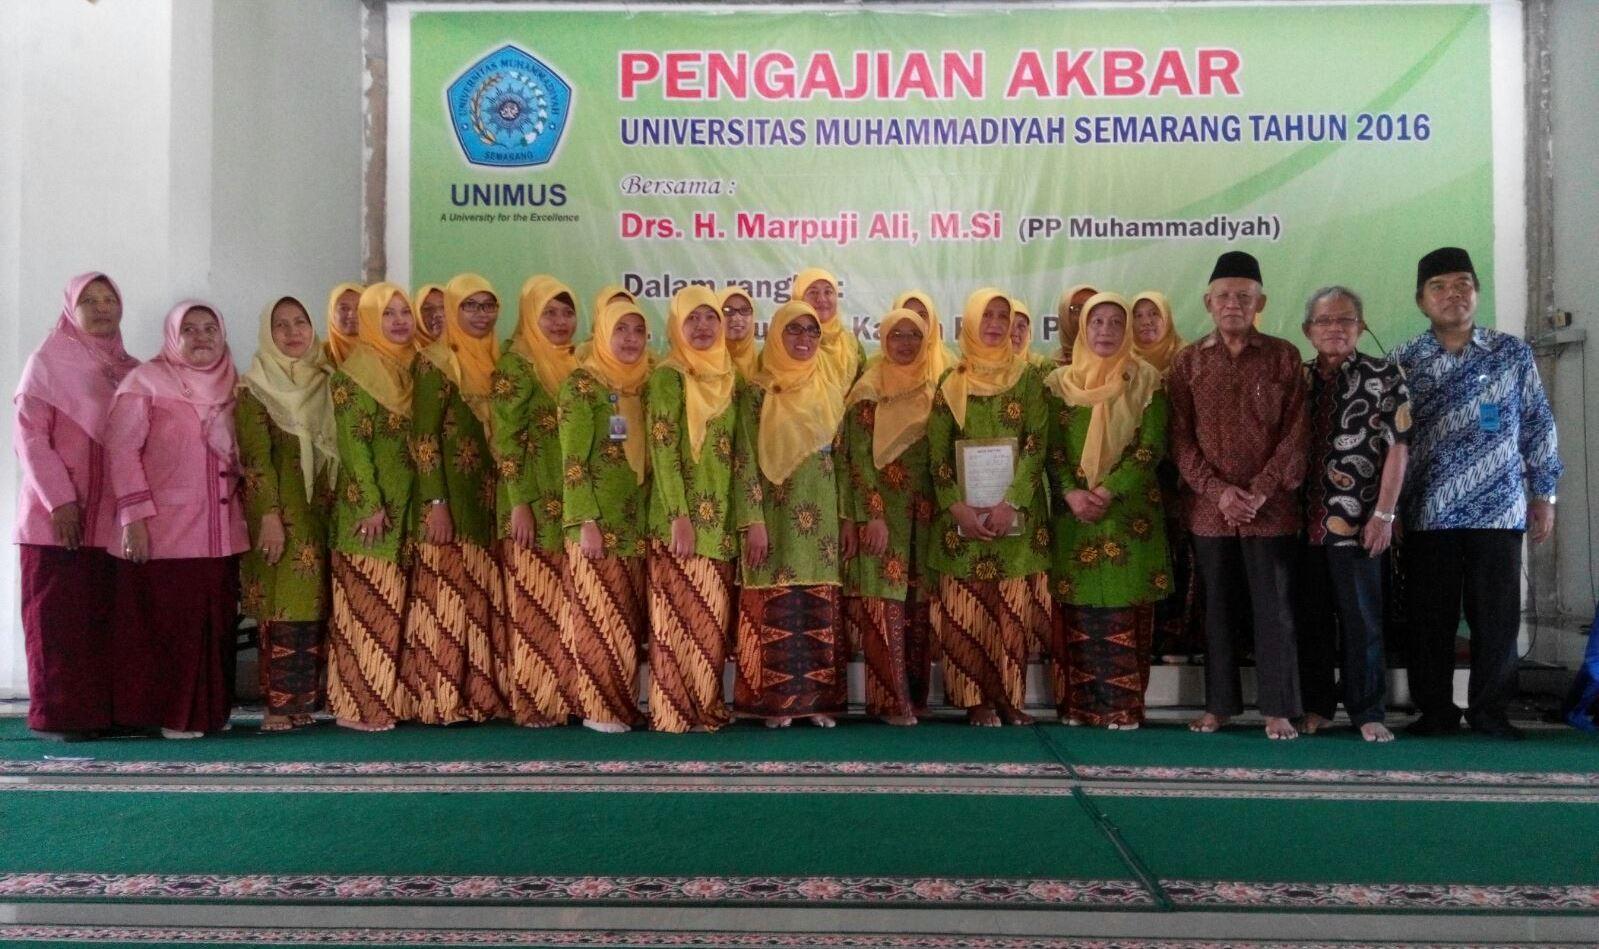 Pengurus Aisyiyah Komunitas Unimus berfoto bersama Rektor, Ketua PWM dan Ketua BPH